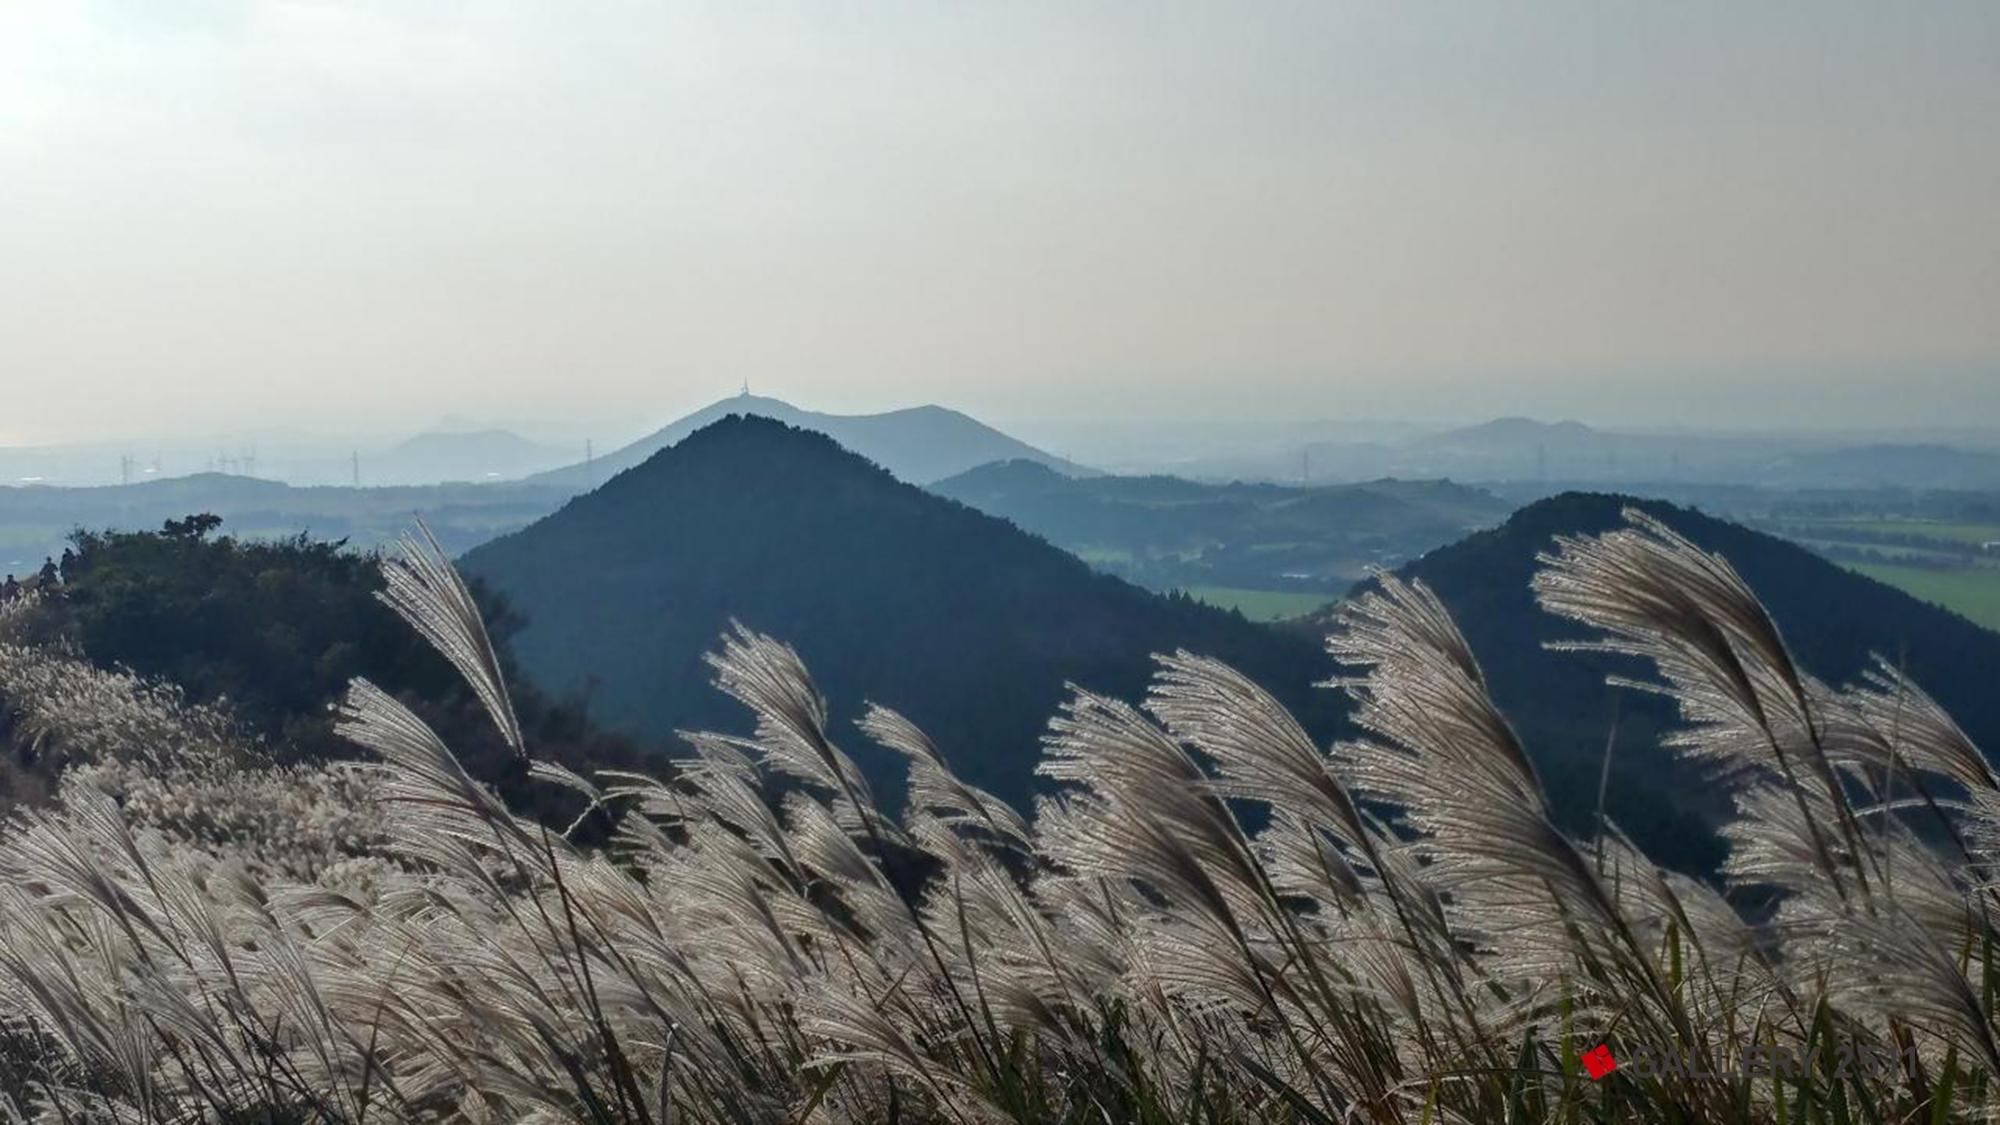 silver grass snd oreum Volcanic Cone